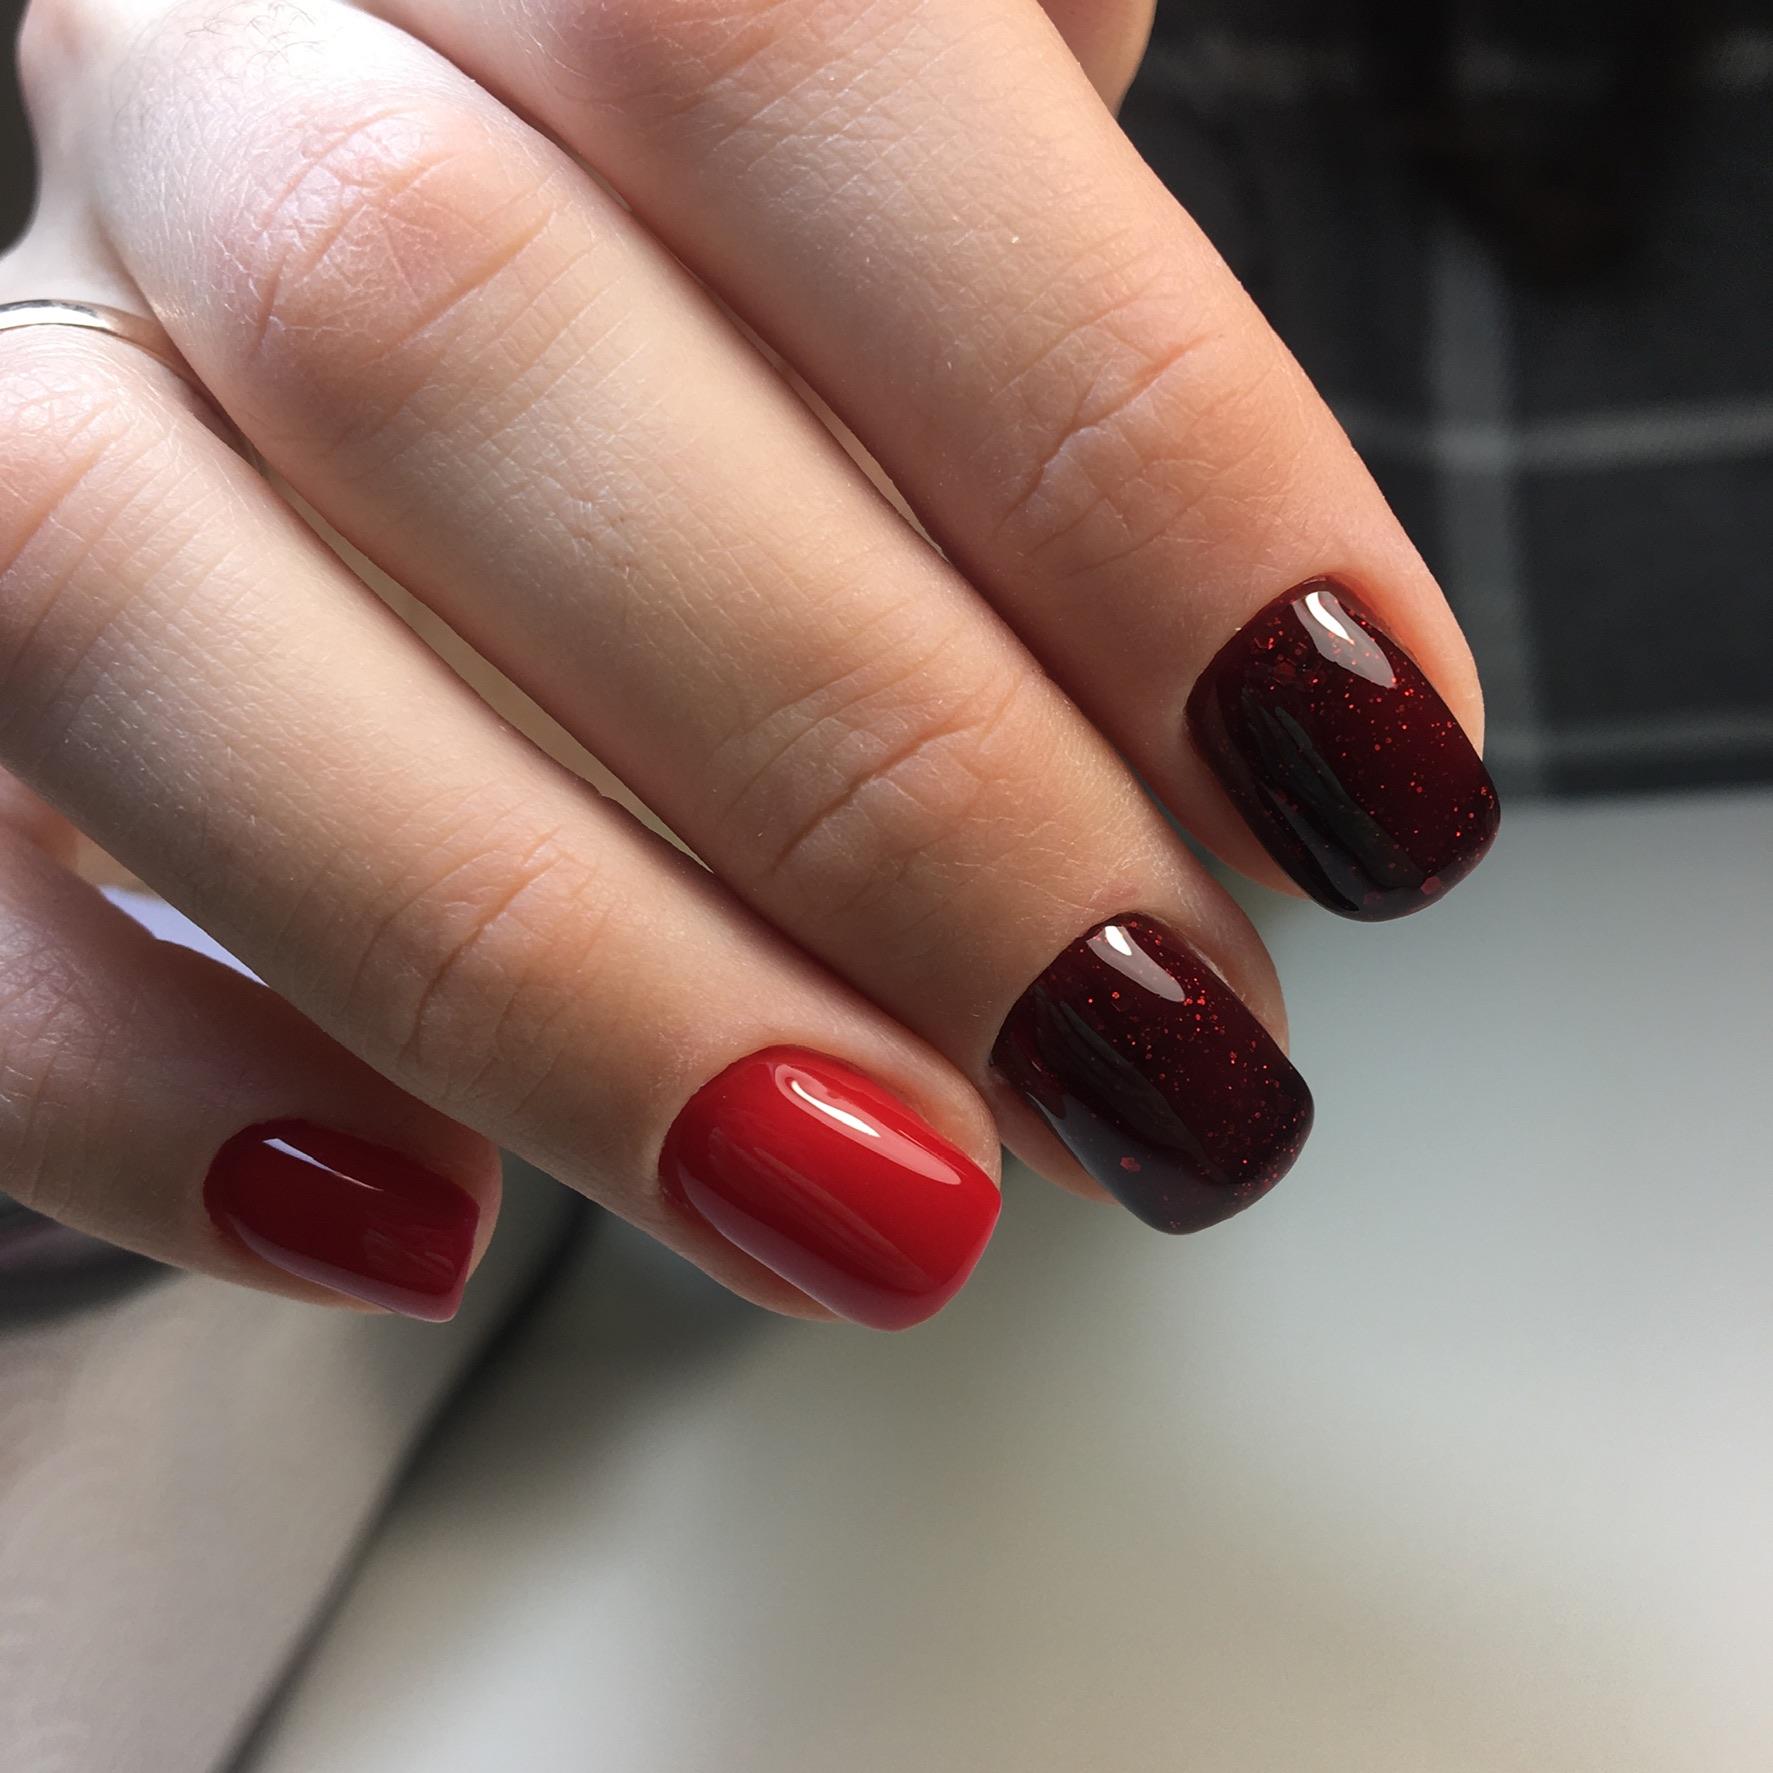 Маникюр с красным дизайном и блестками в темно-красном цвете.